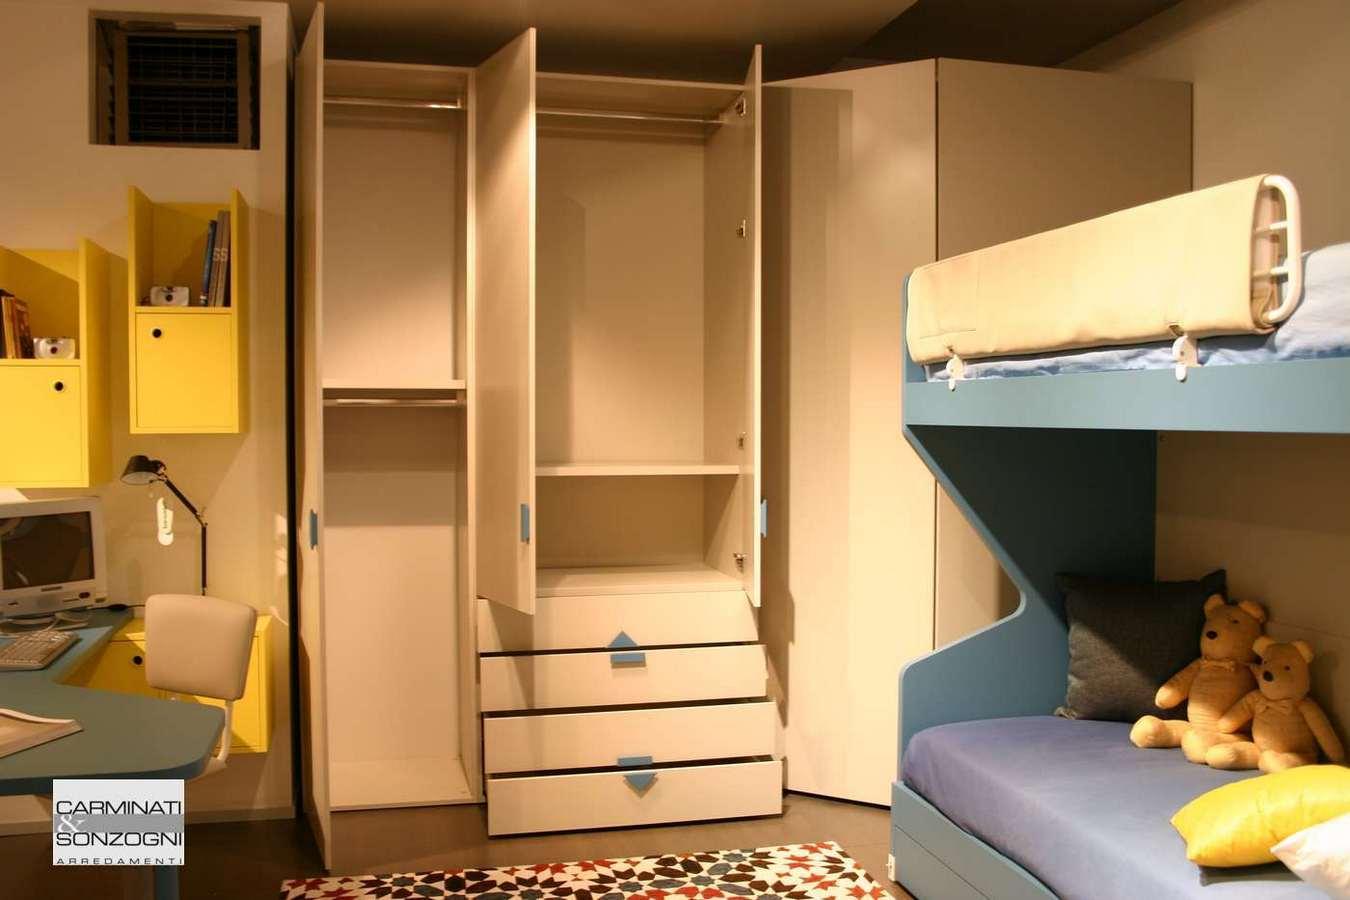 vista armadio aperto nella cameretta